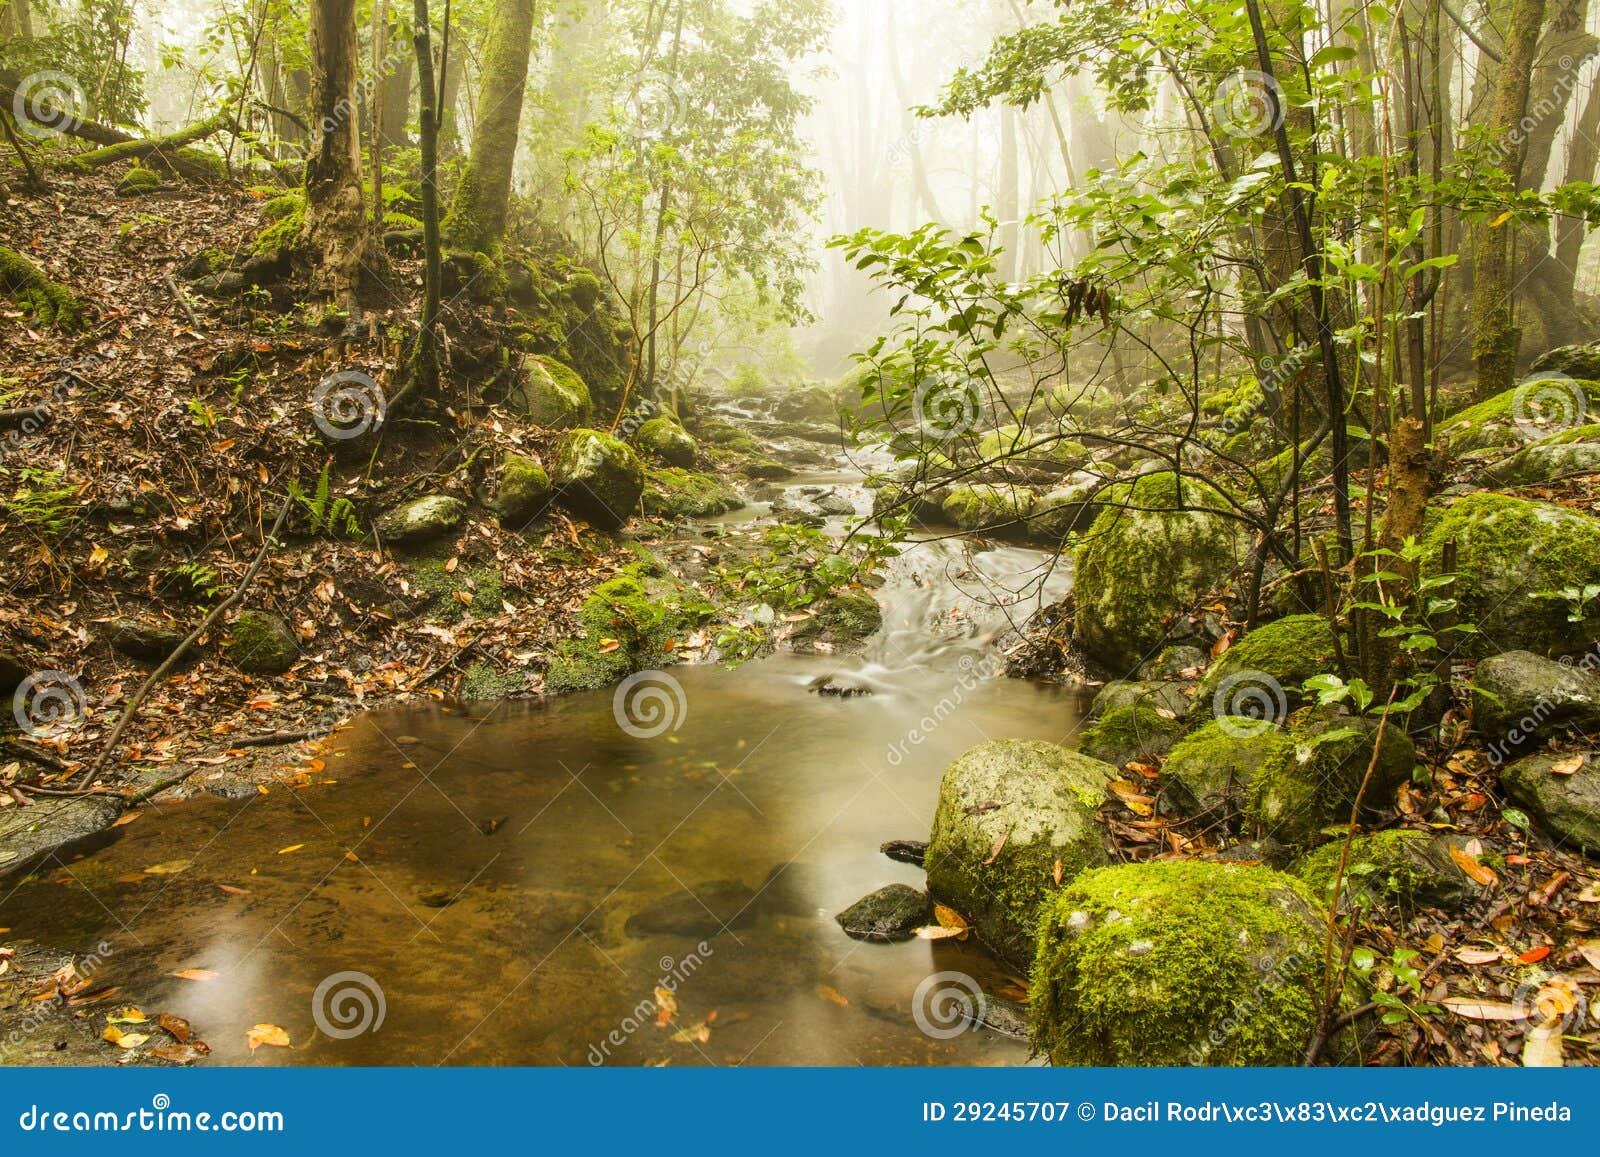 Download Fuga do cedro imagem de stock. Imagem de trekking, musgo - 29245707